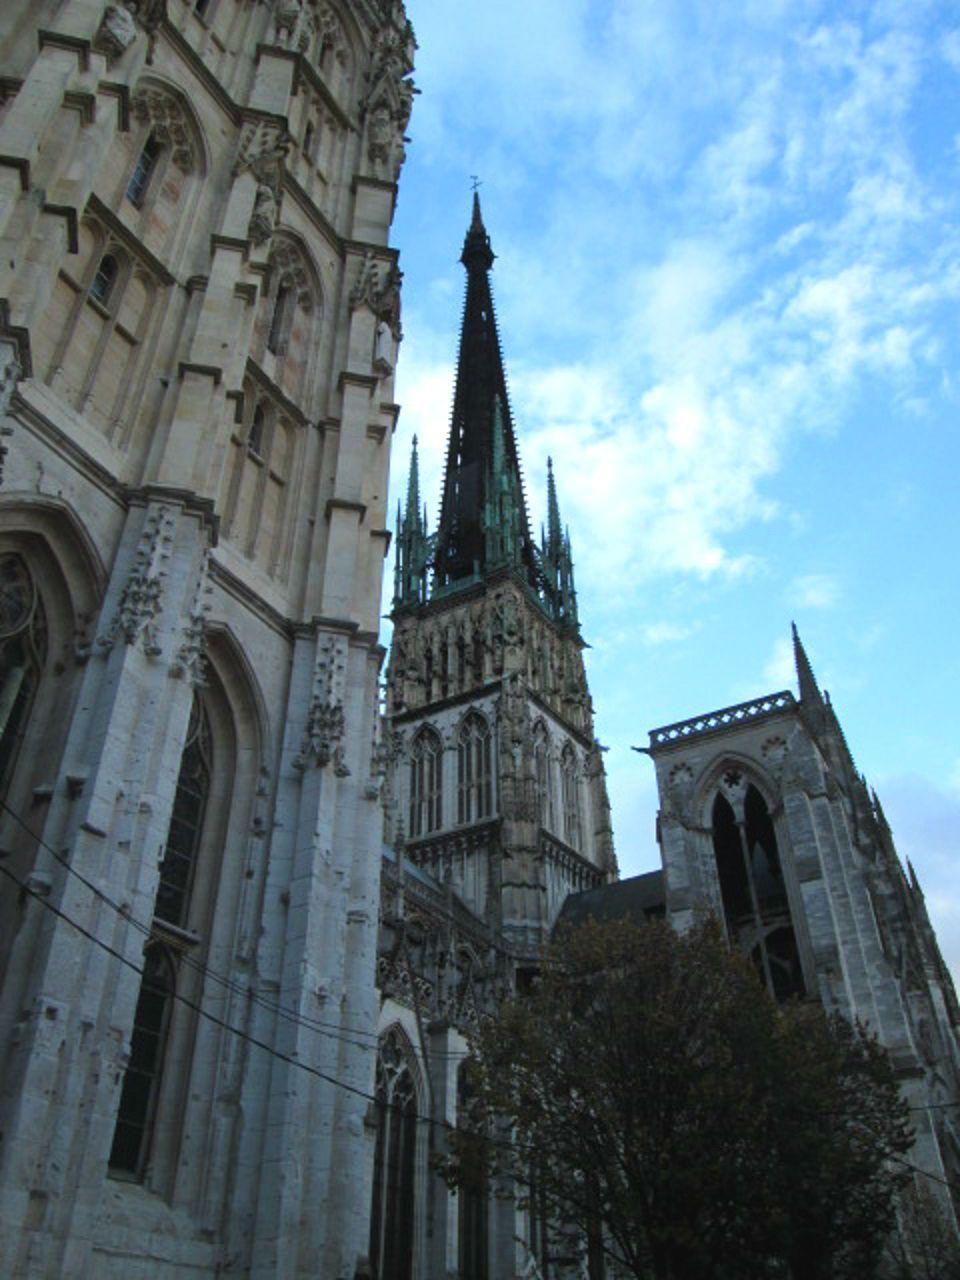 ルーアンのシンボル!ノートルダム大聖堂の迫力がすごい!